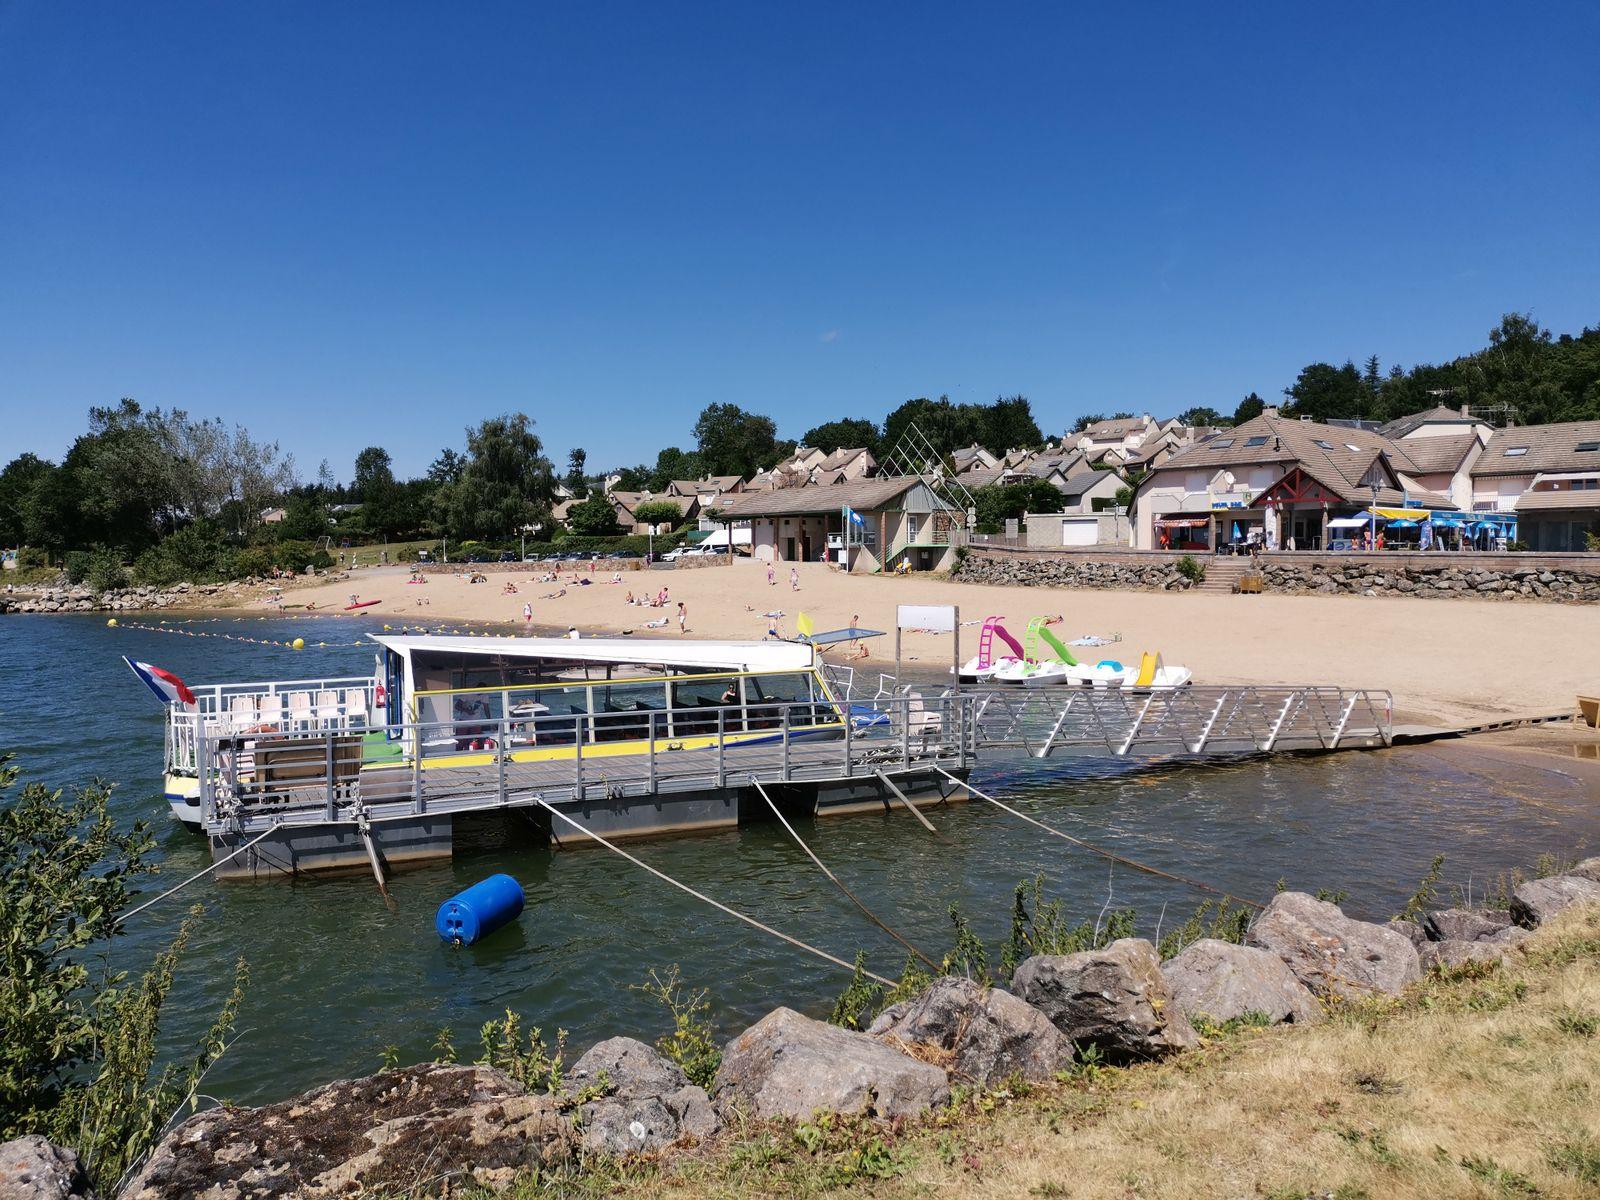 Plage des vernhes Promenade d une heure sur le lac avec le pavillon jaune